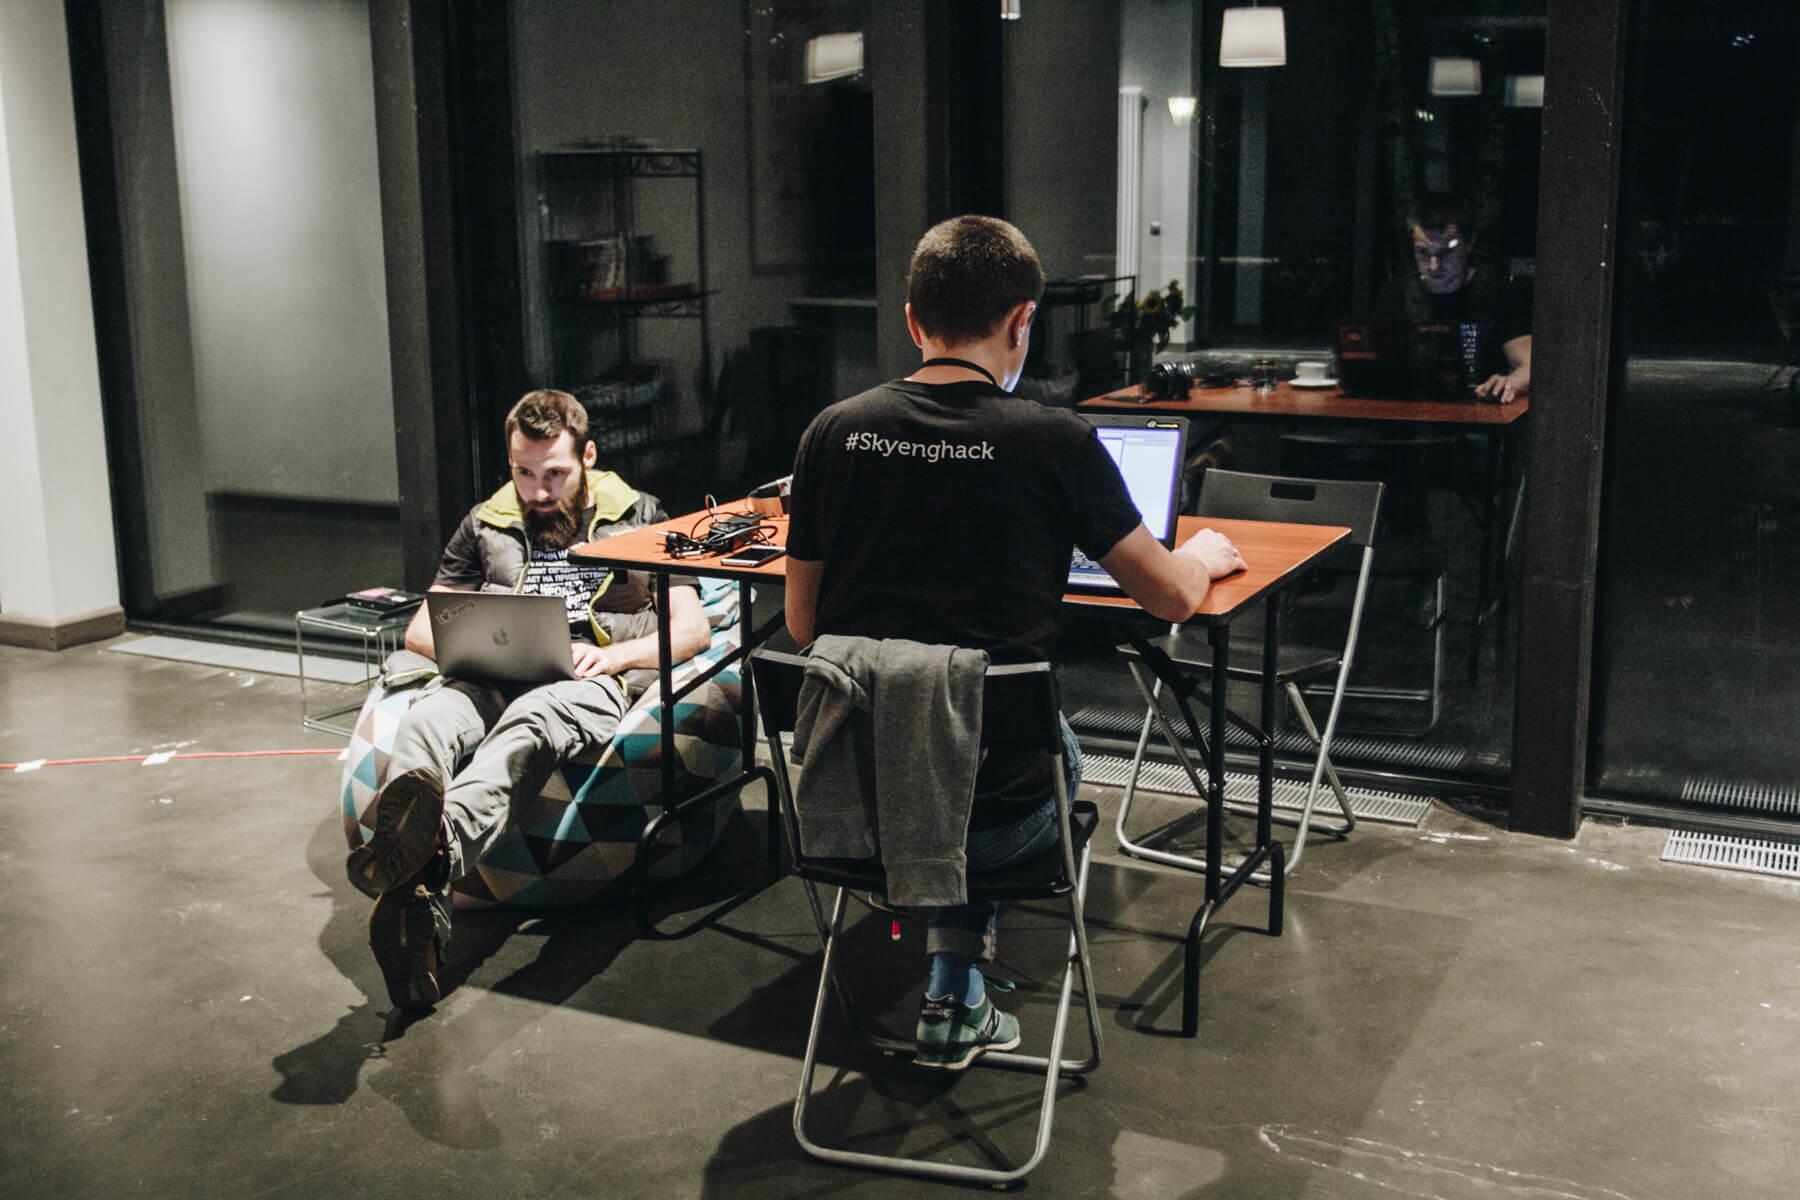 Первый хакатон Skyeng: 15 рабочих проектов за два дня - 9